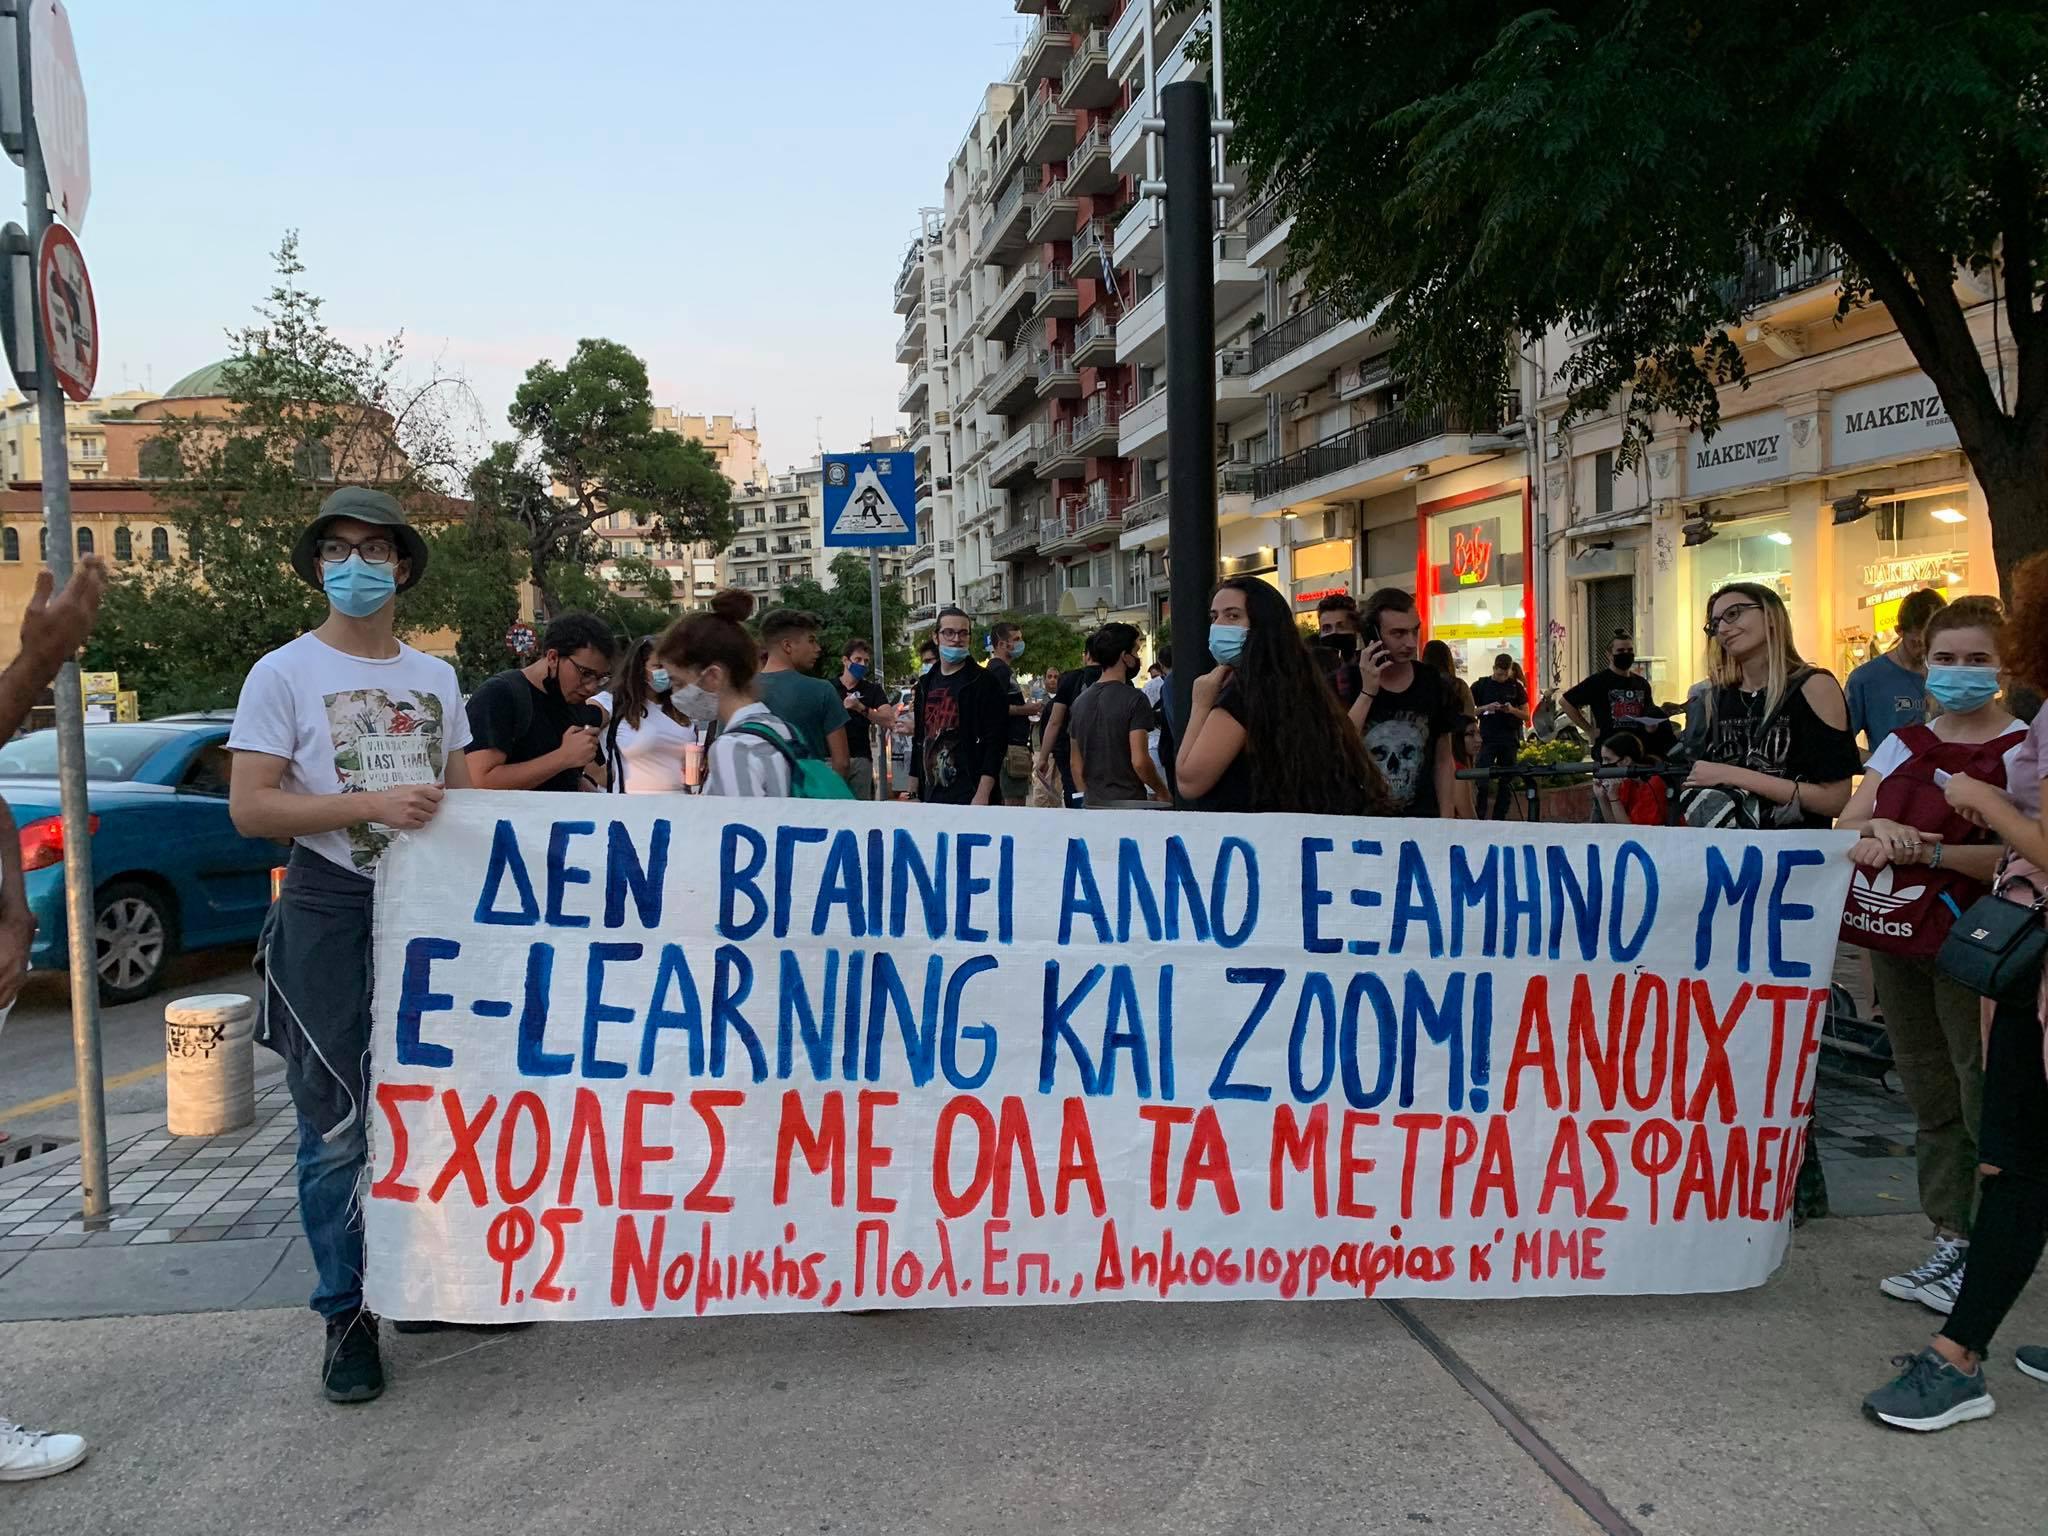 Φοιτητικό συλλαλητήριο στο κέντρο της Θεσσαλονίκης για τα μέτρα στα πανεπιστήμια εξαιτίας του κοροναϊού, φωτογραφία-3